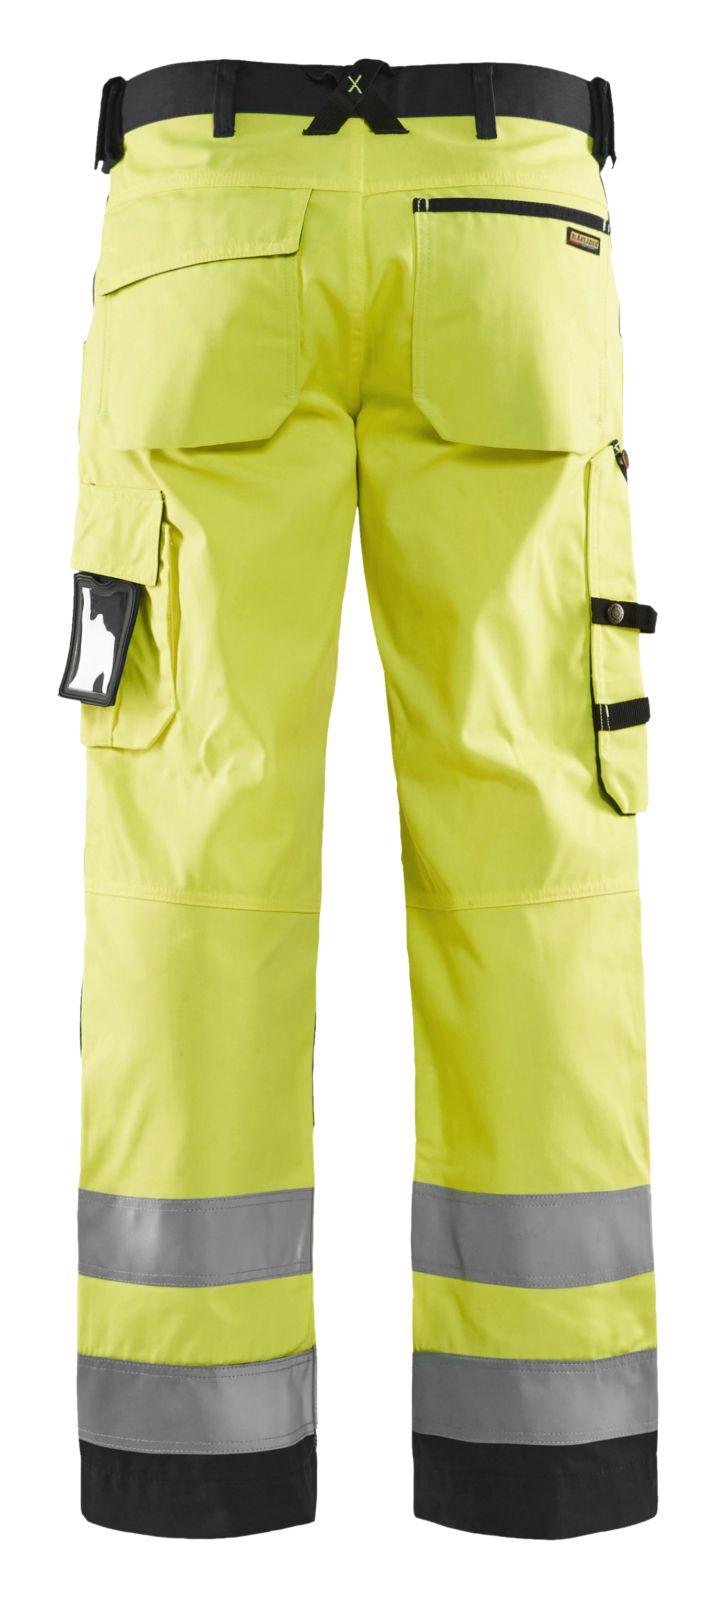 Blaklader High visual ISO 20471 Werkbroeken- kniezakken 15661811 Polyester- katoen- Cordura fluo geel-zwart(3399)